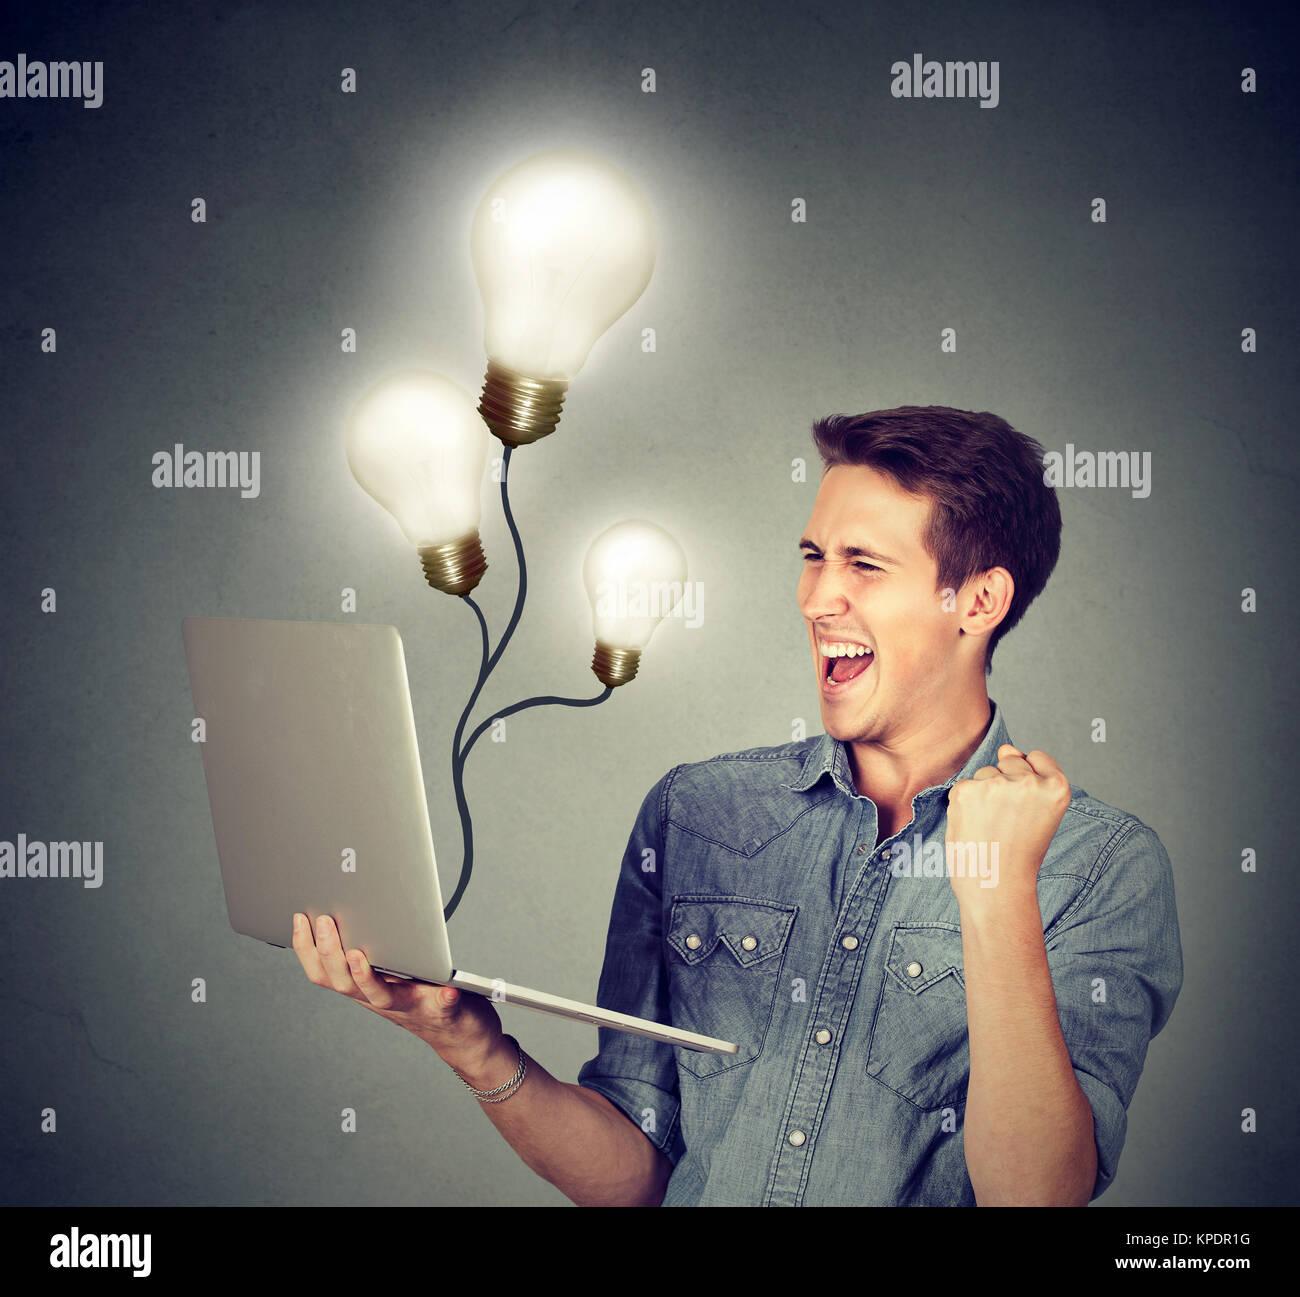 Junger Mann mit Laptop und Erfolge feiern tolle Ideen. Stockbild